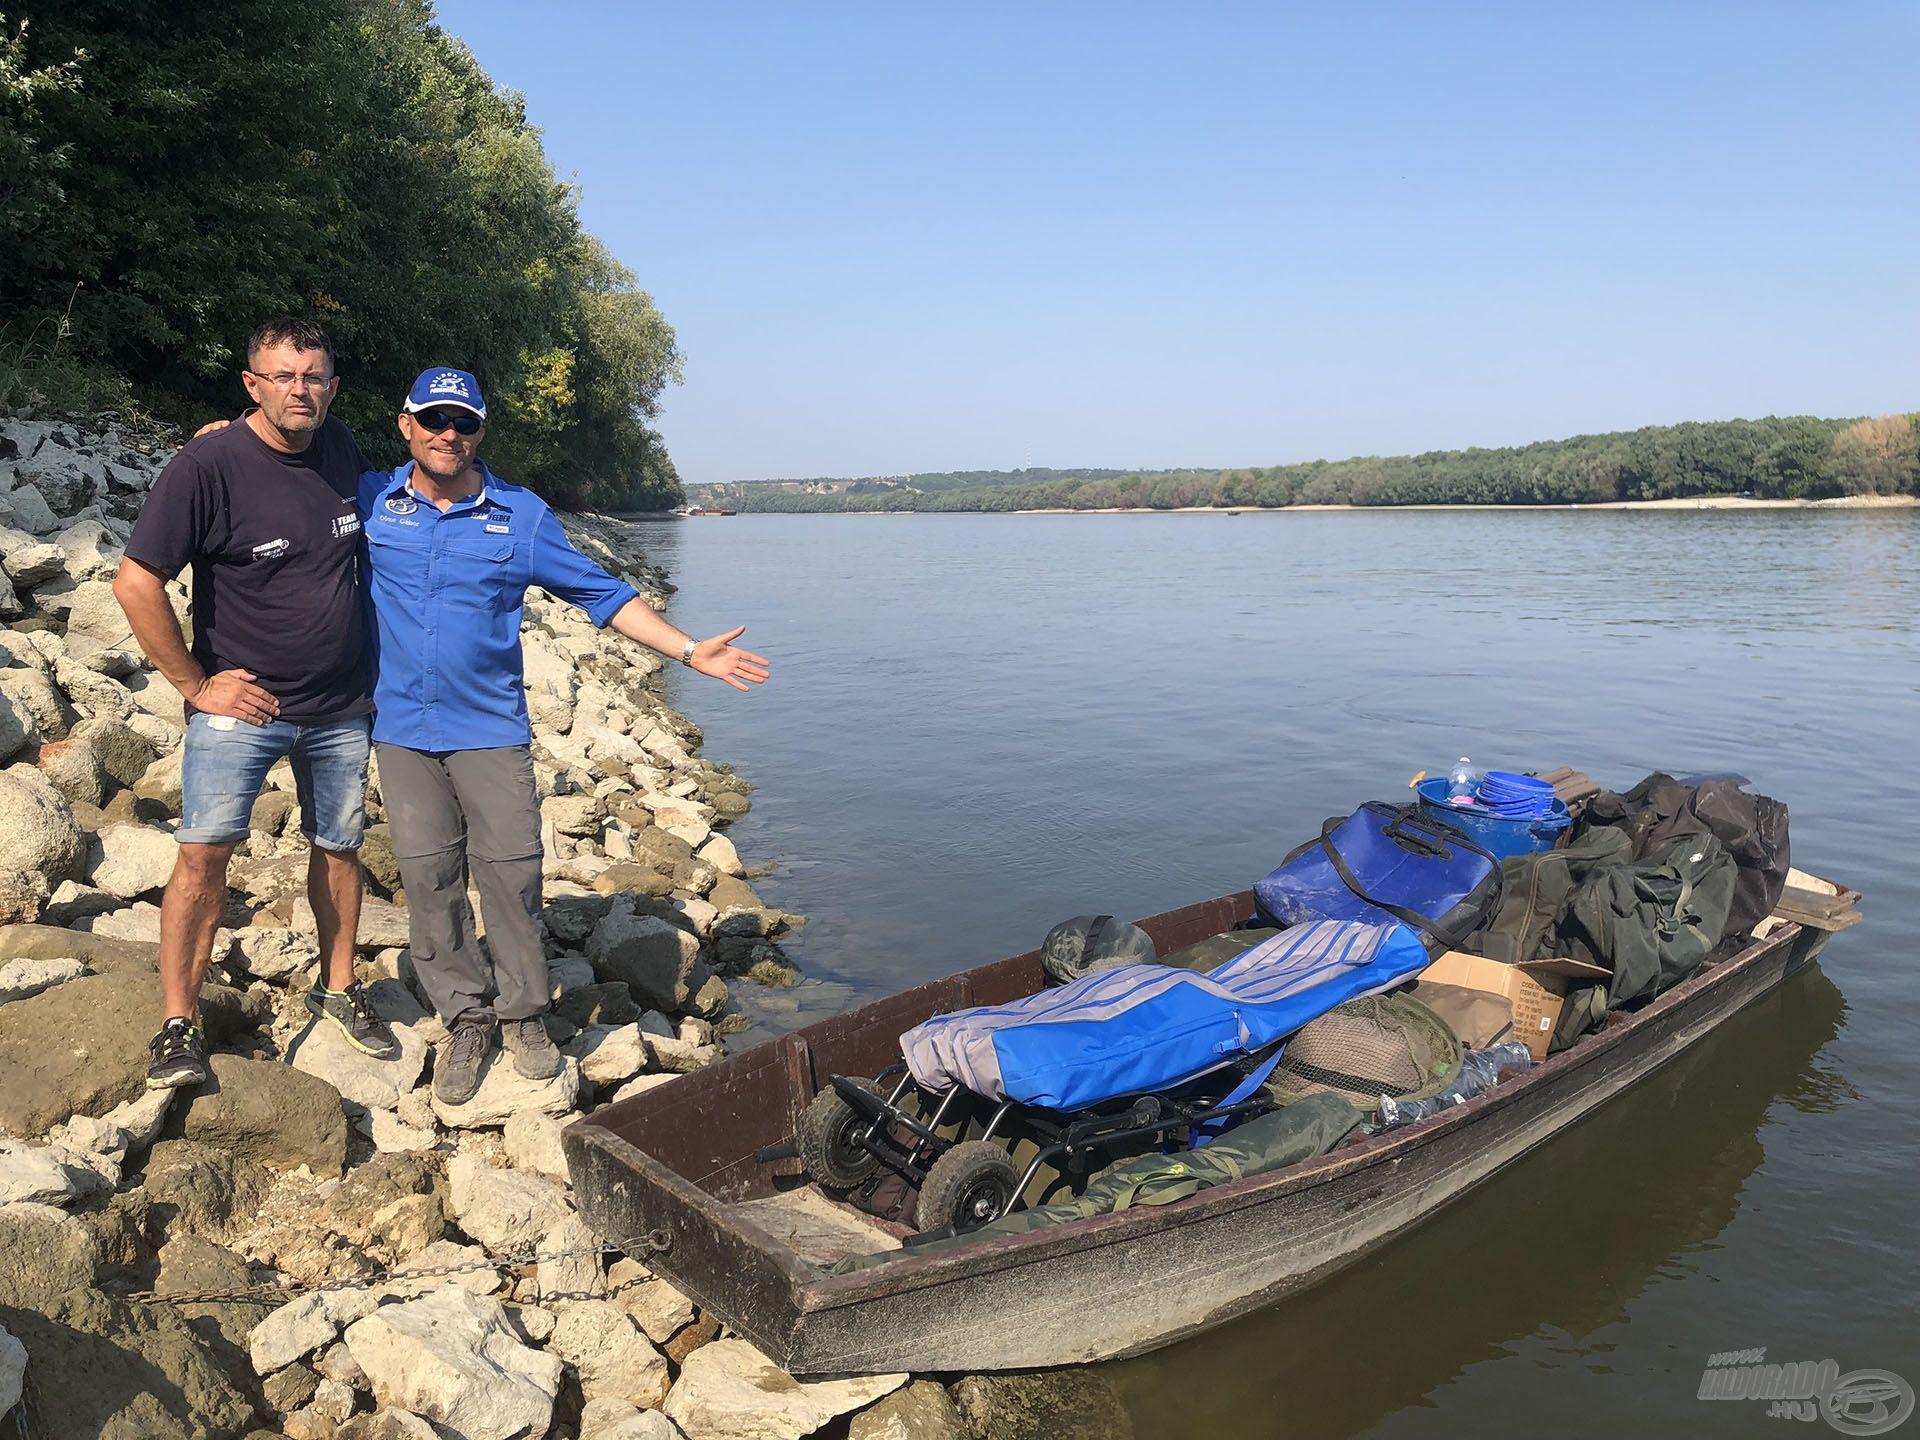 Több napos horgászatra készültünk, a felszerelést csónakkal szállítottuk a horgászhelyre